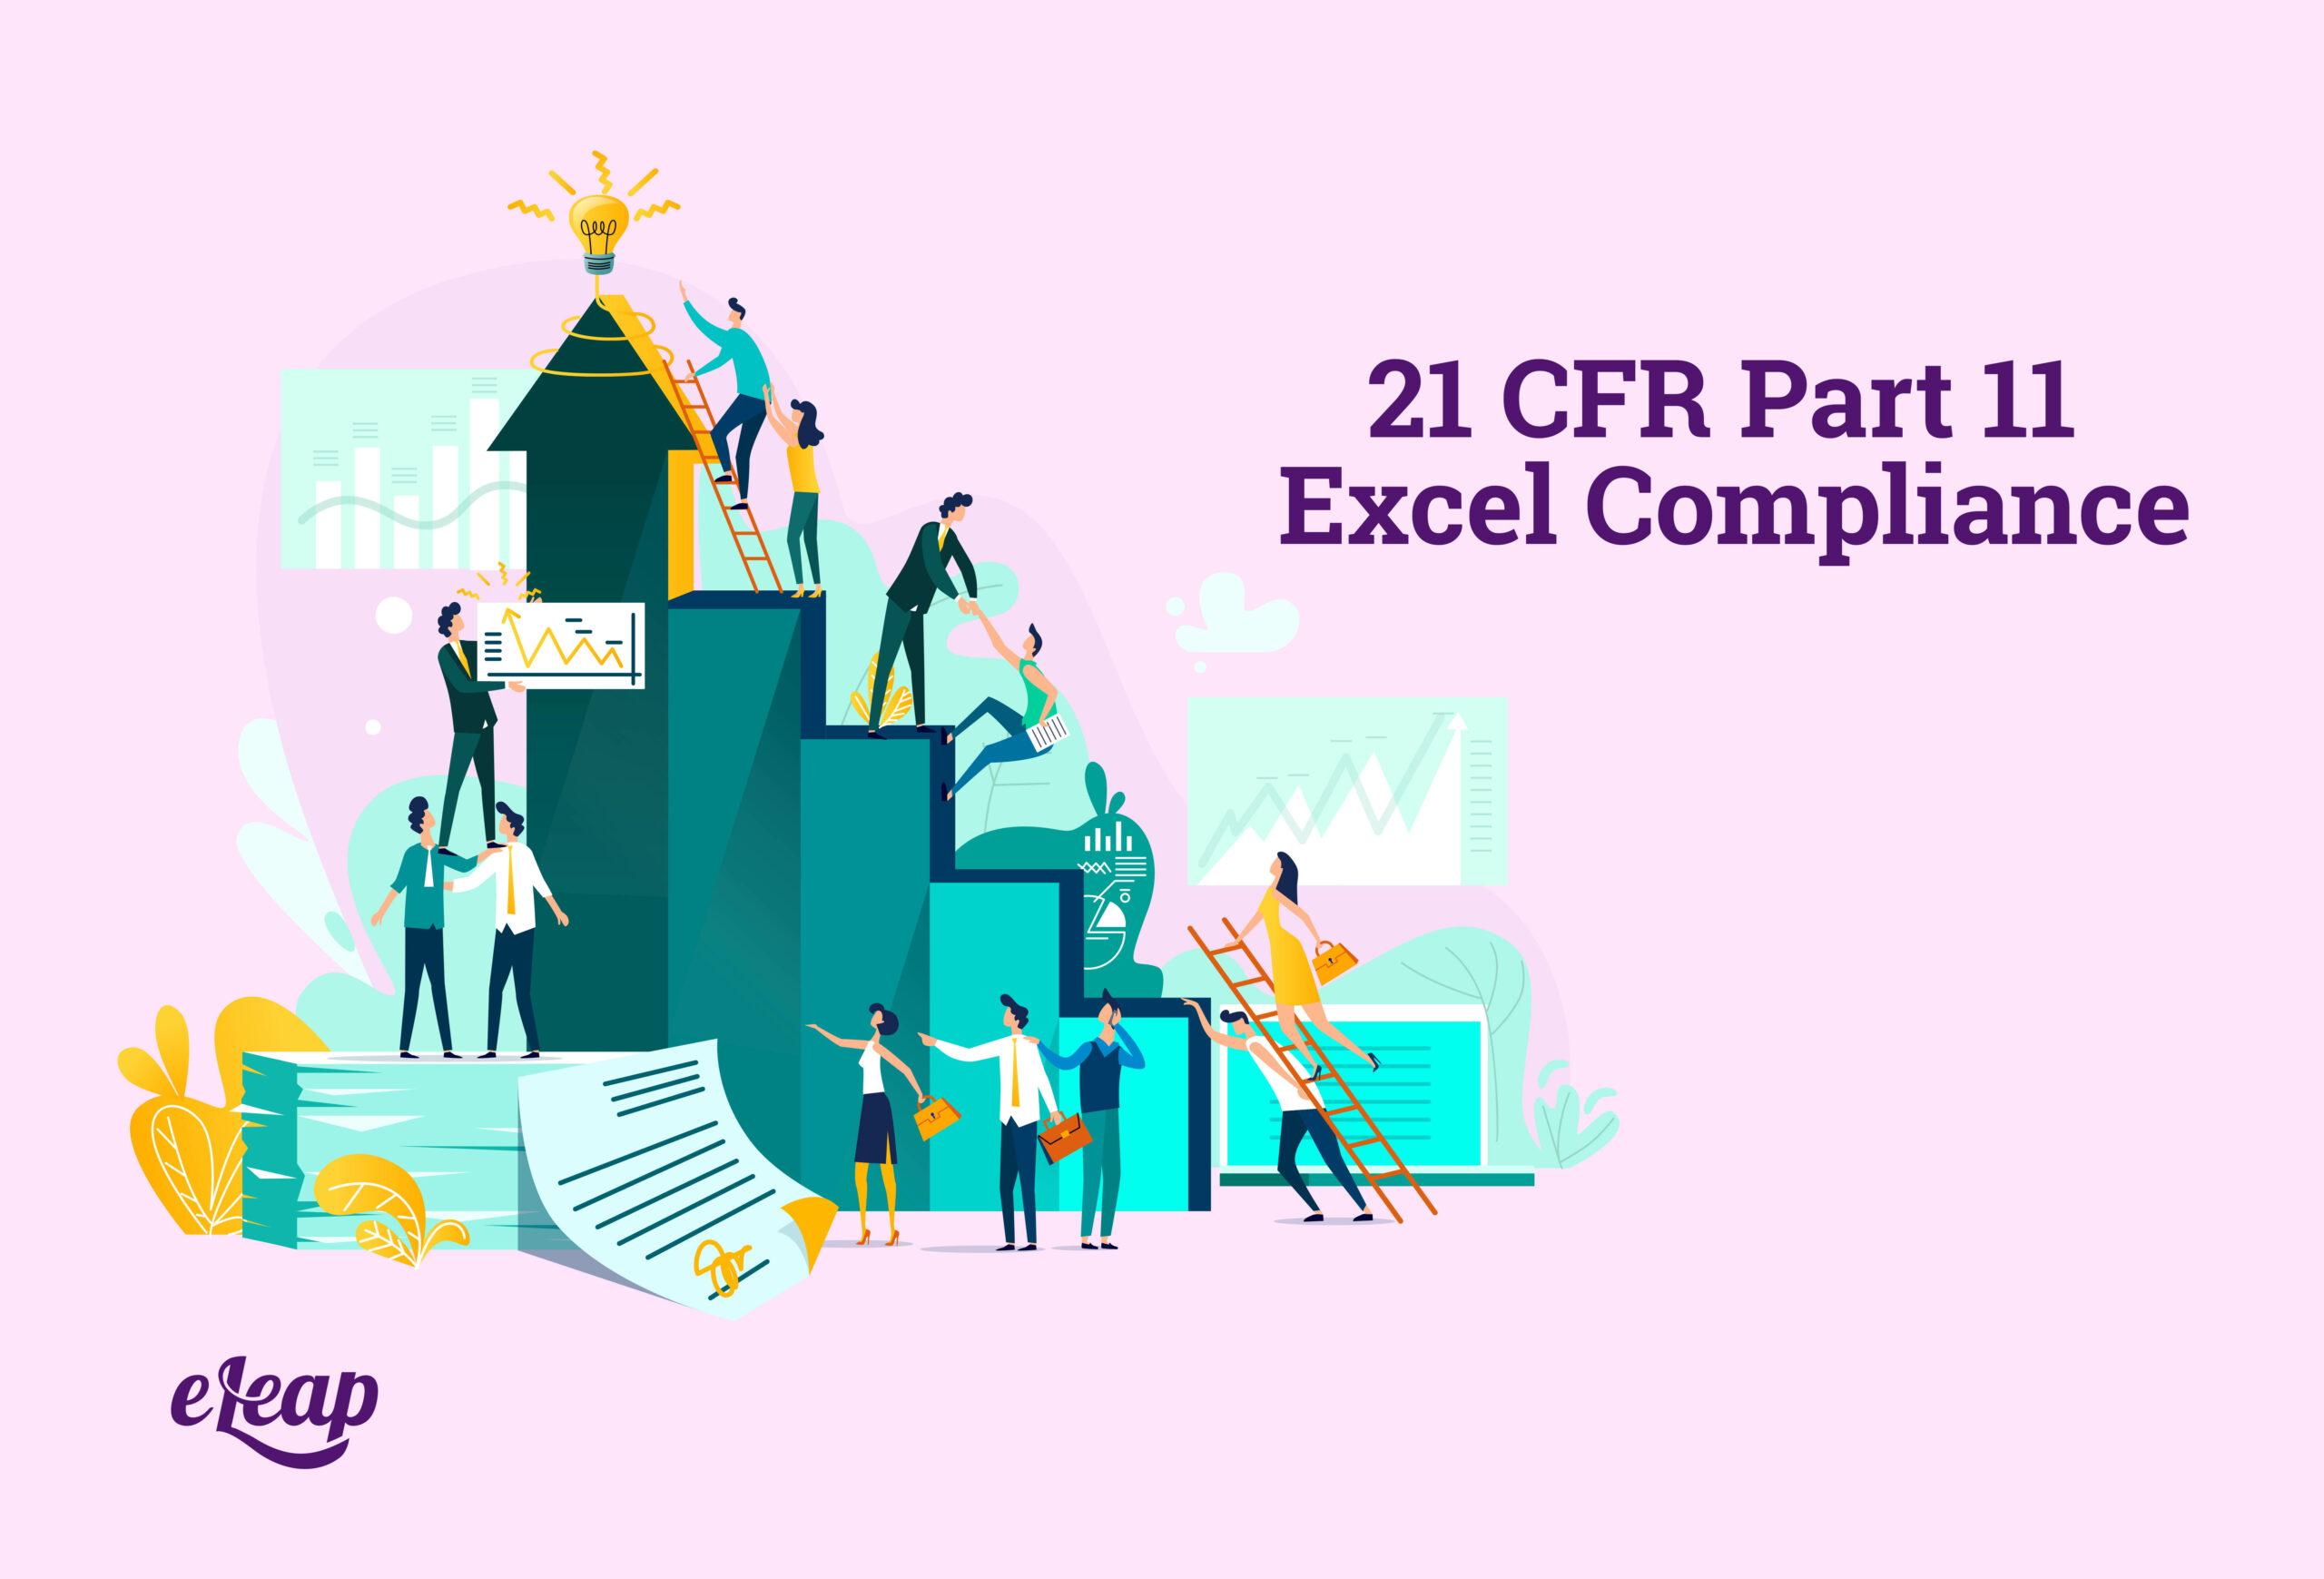 21 CFR Part 11 Excel Compliance